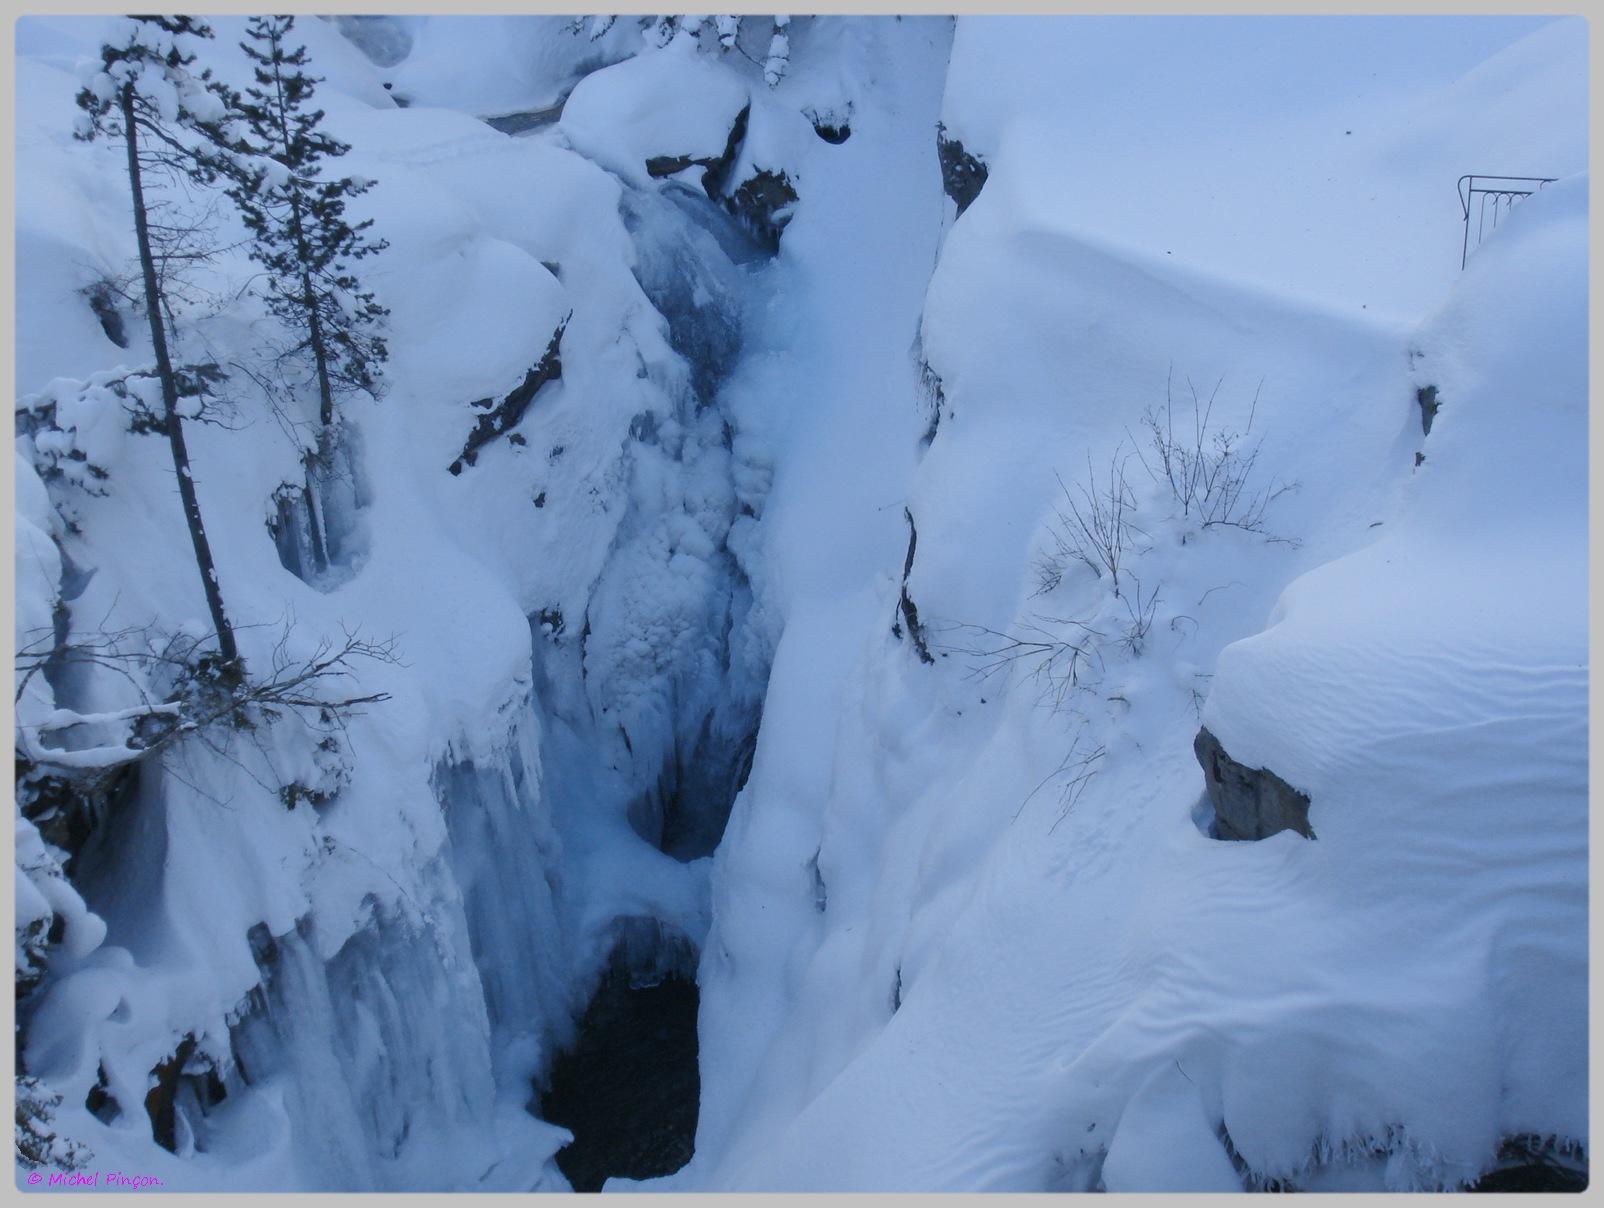 Une semaine à la Neige dans les Htes Pyrénées - Page 2 409783DSC012013